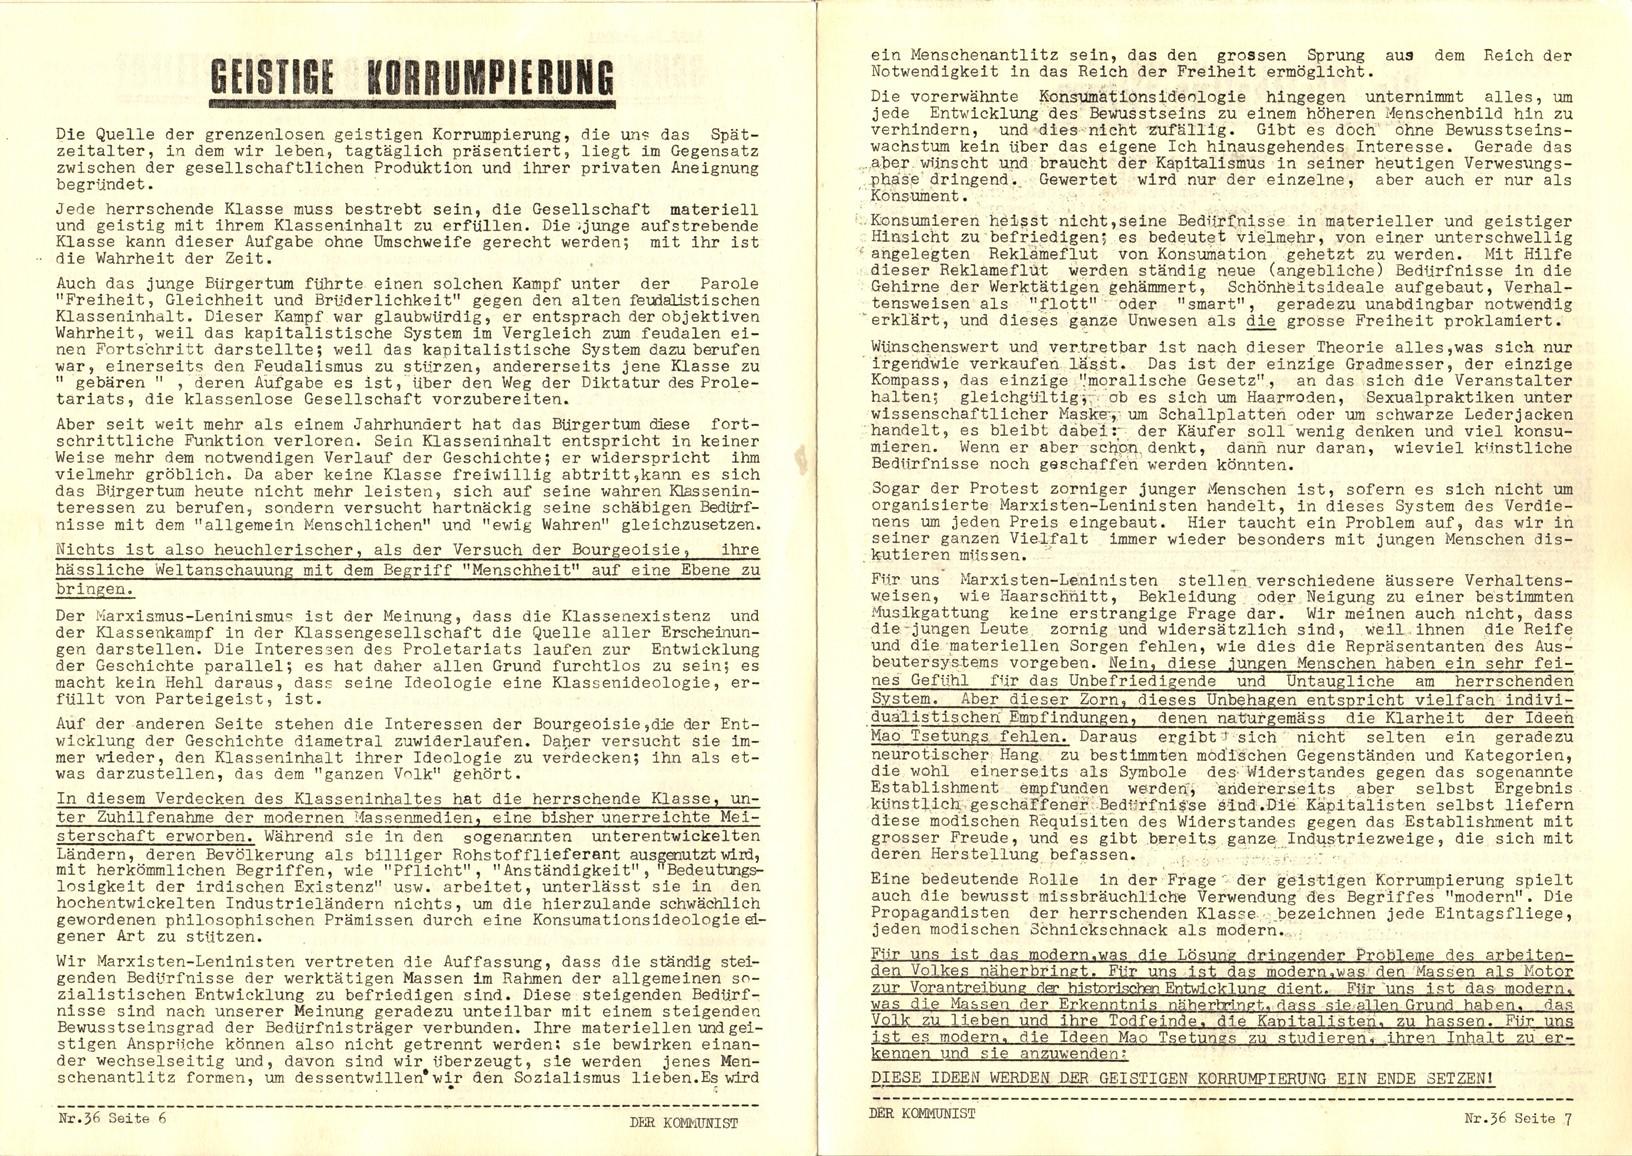 VRA_Der_Kommunist_19700200_04